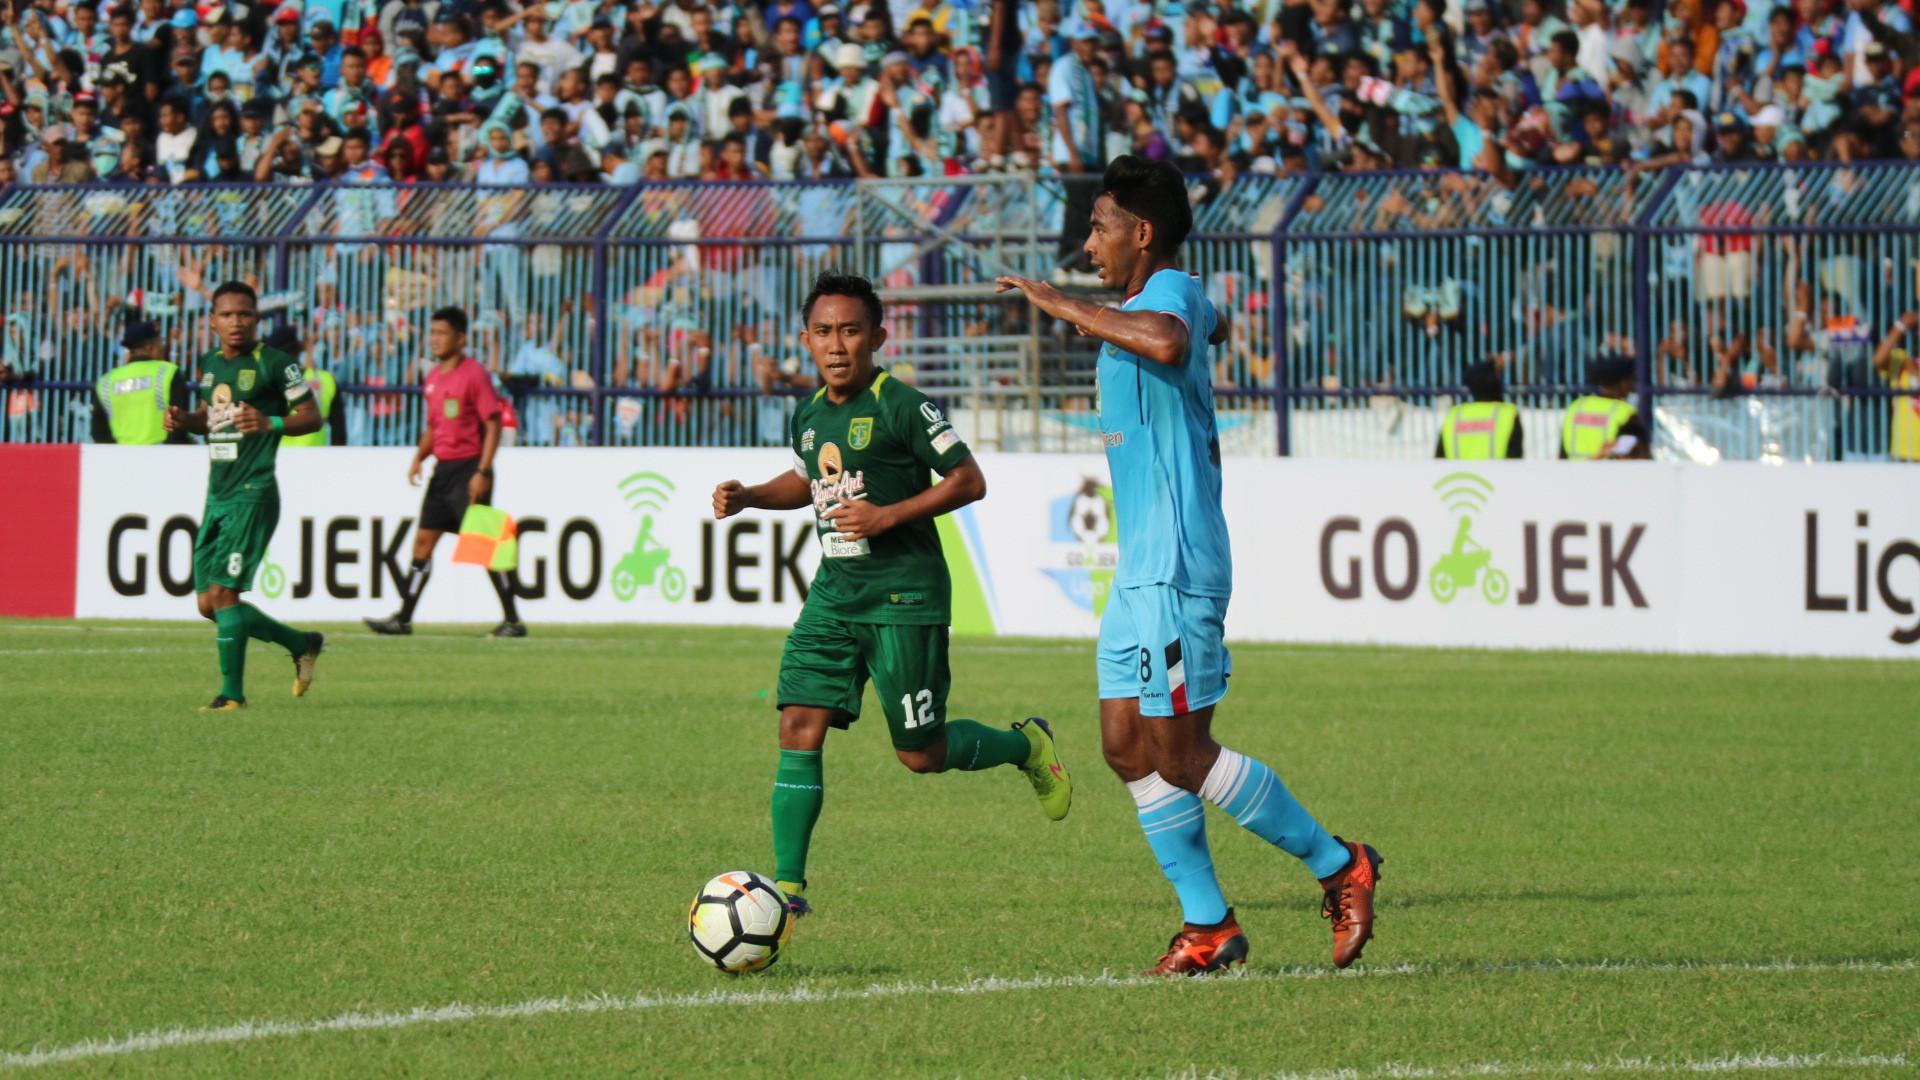 Duel Persela Vs Persebaya pada laga lanjutan Gojek Liga 1 bersama Bukalapak, Jumat (30/3/2018) di Stadion Surajaya, Lamongan. (Bola.com/Aditya Wany)